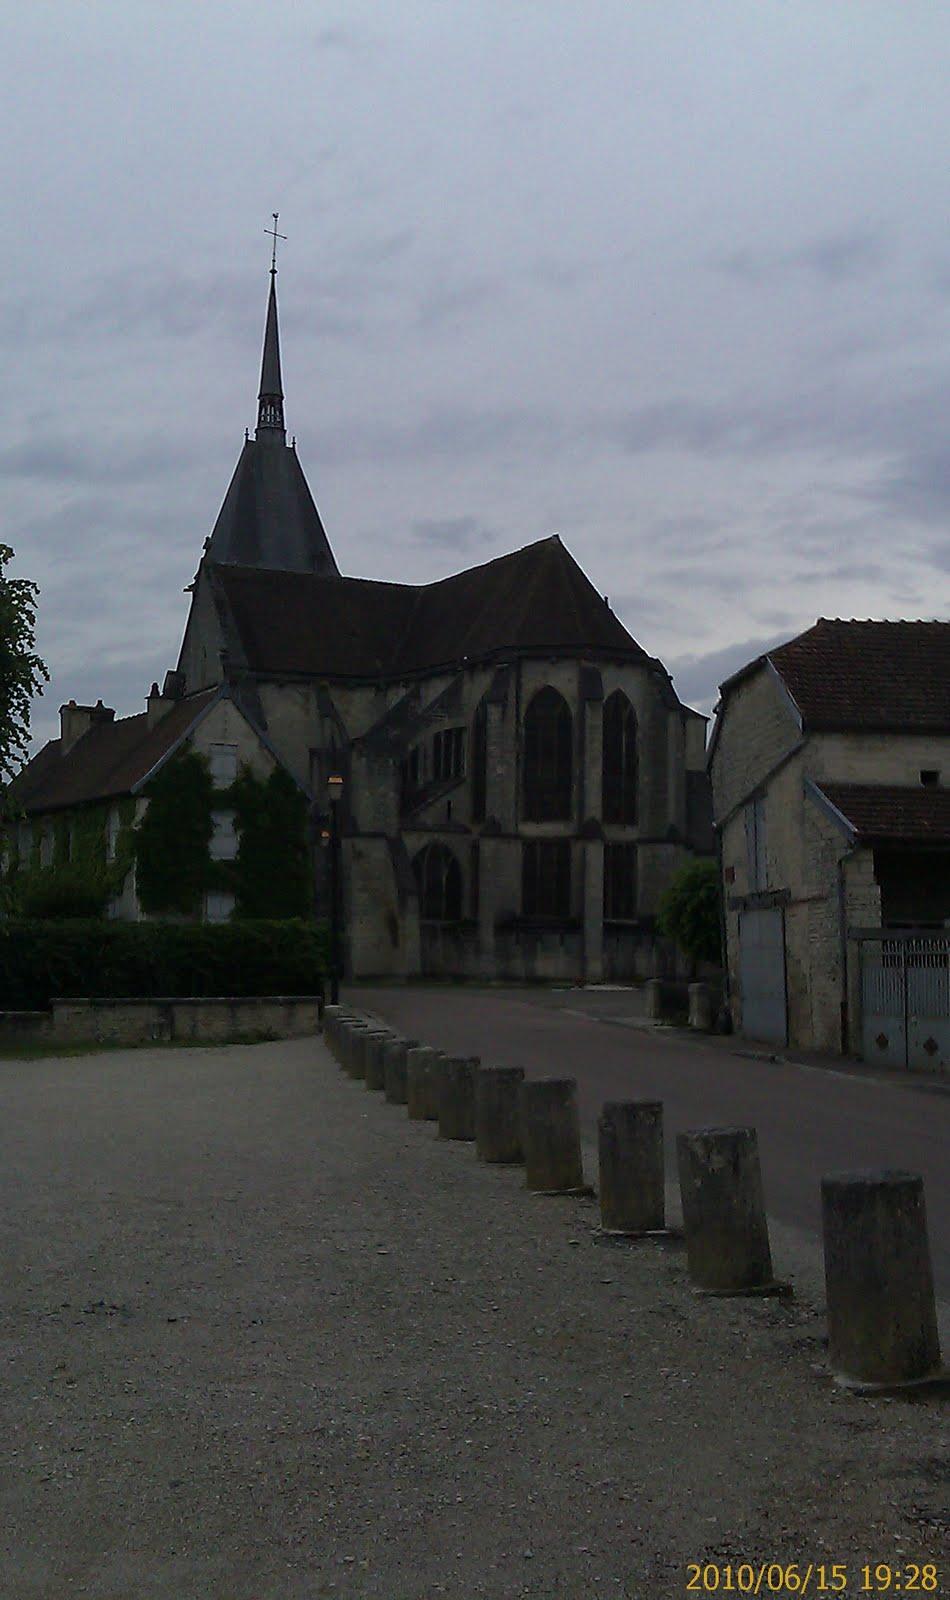 Église Saint-Pierre-ès-Liens (xiiie siècle) classée aux monuments historiques en 1840